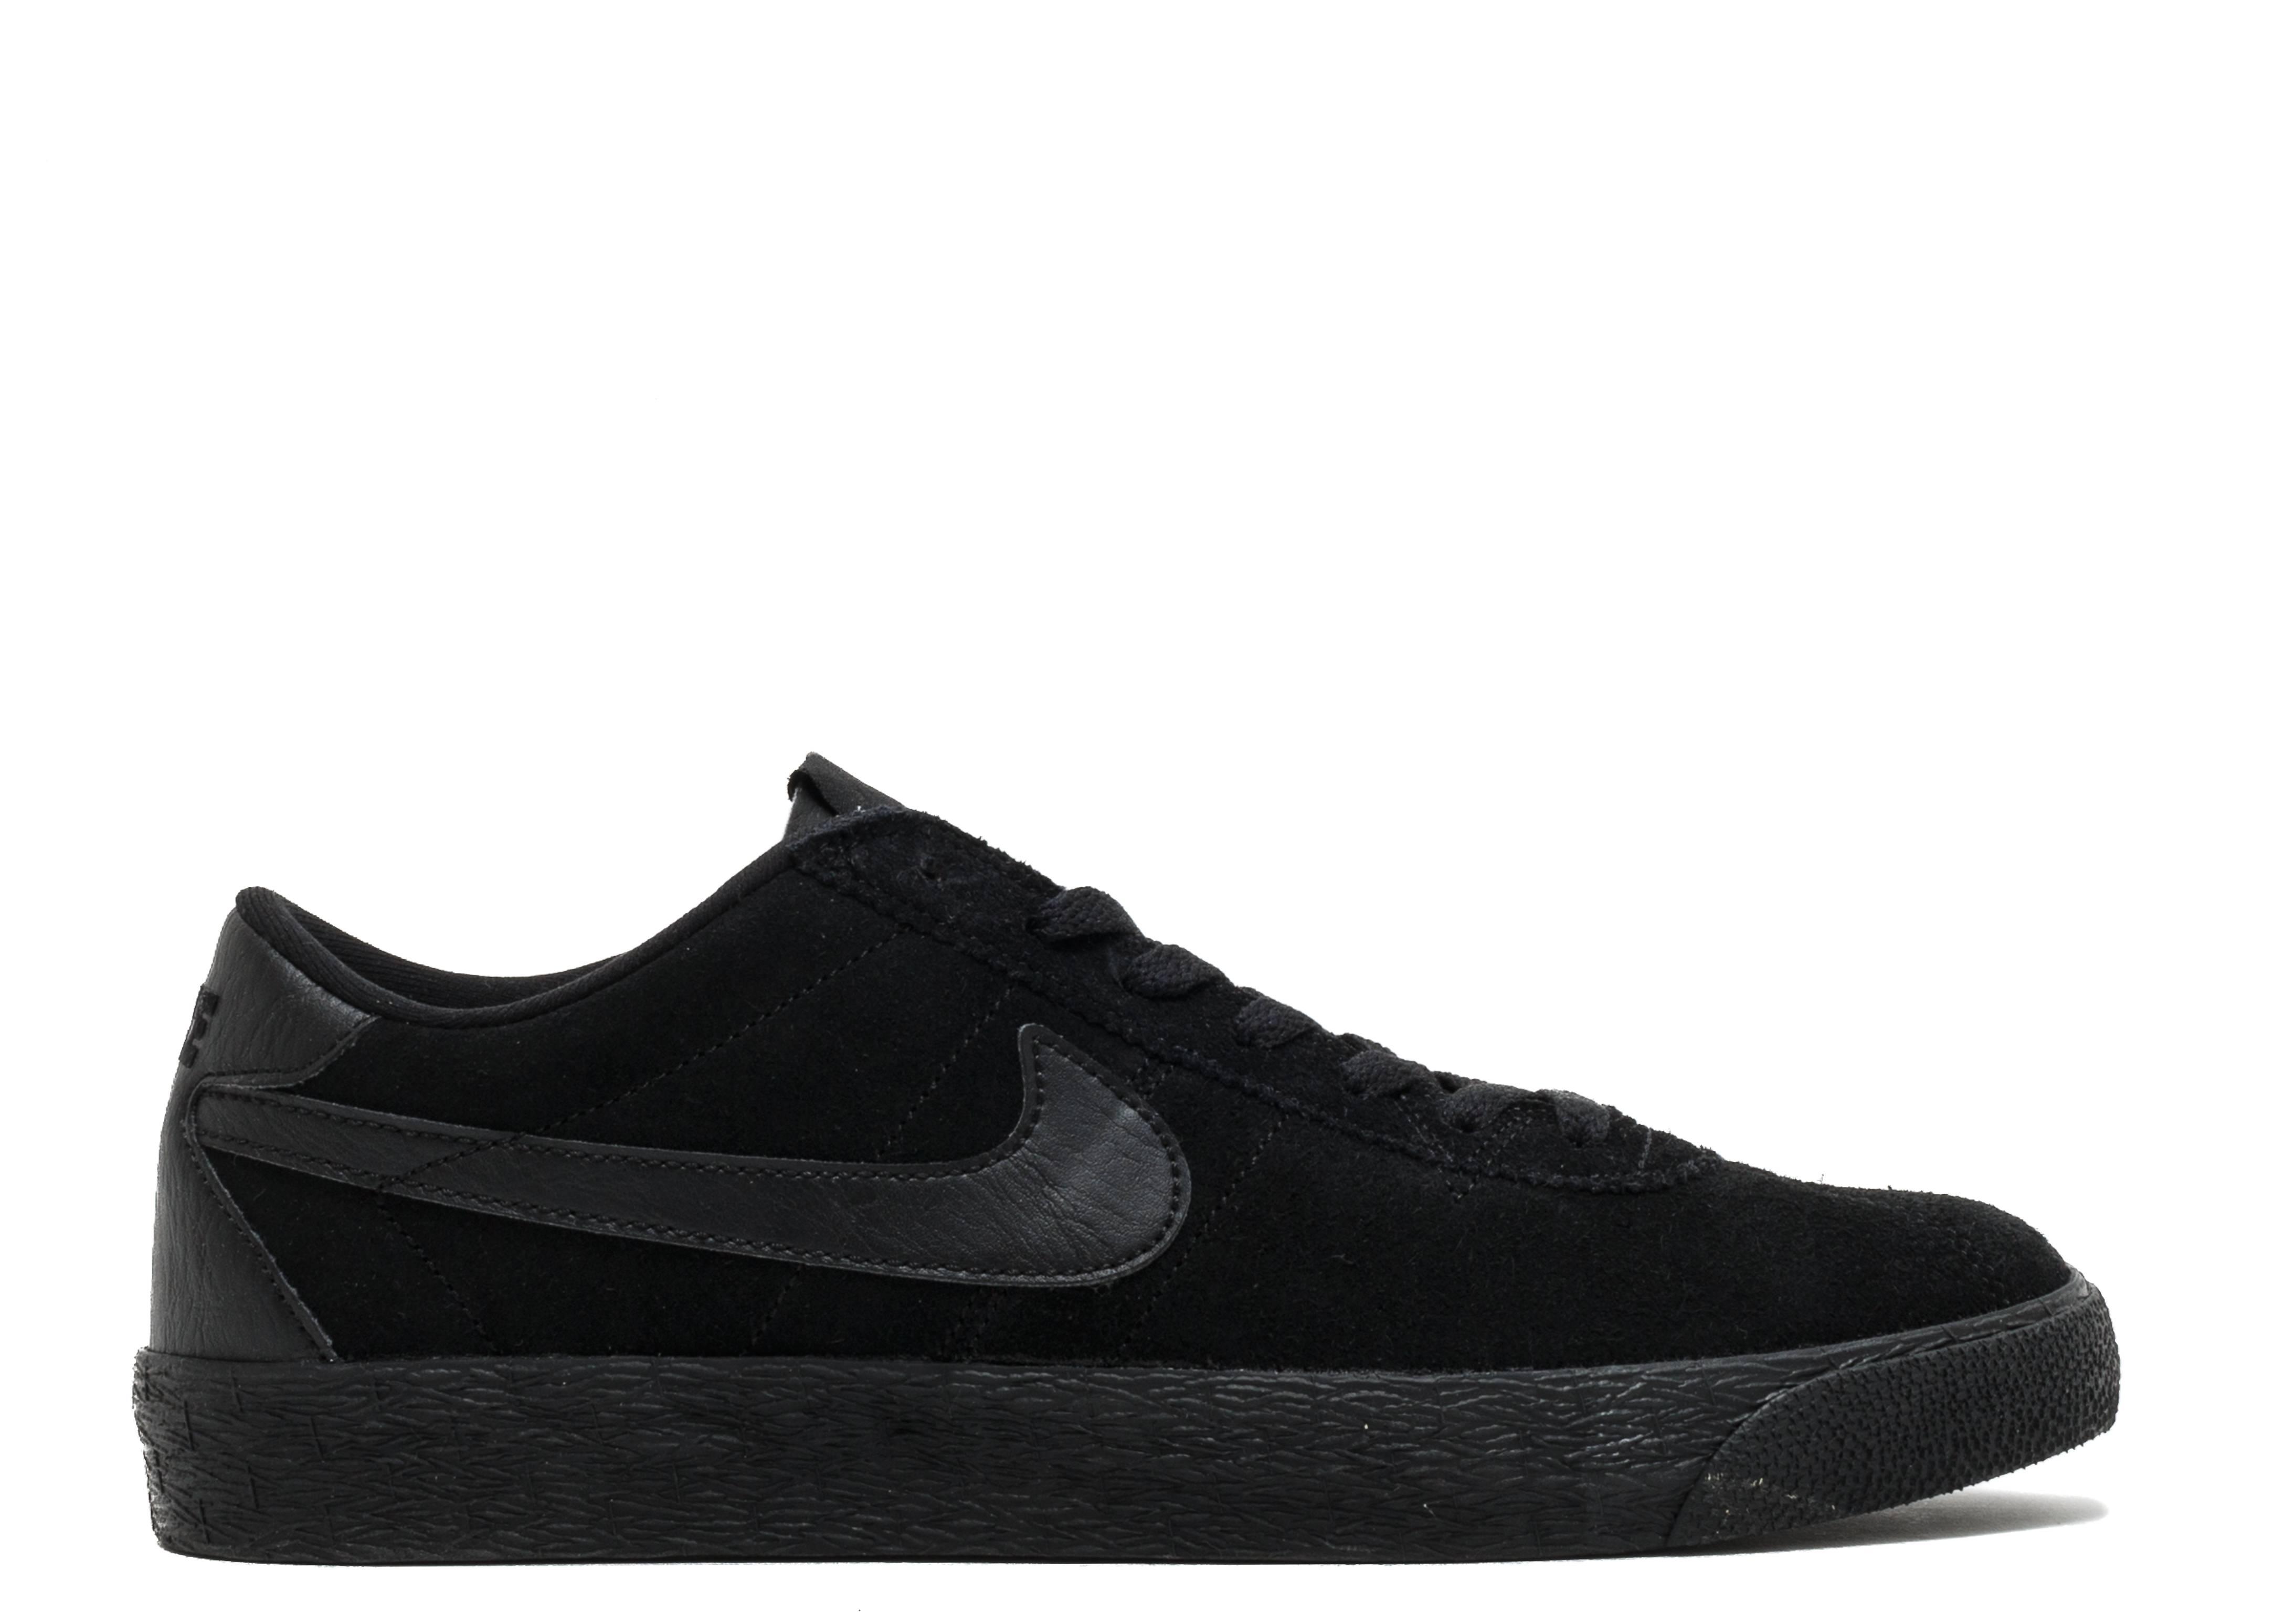 974694f37d9d2 Nike Bruin Sb Premium Se - Nike - 631041 003 - black black